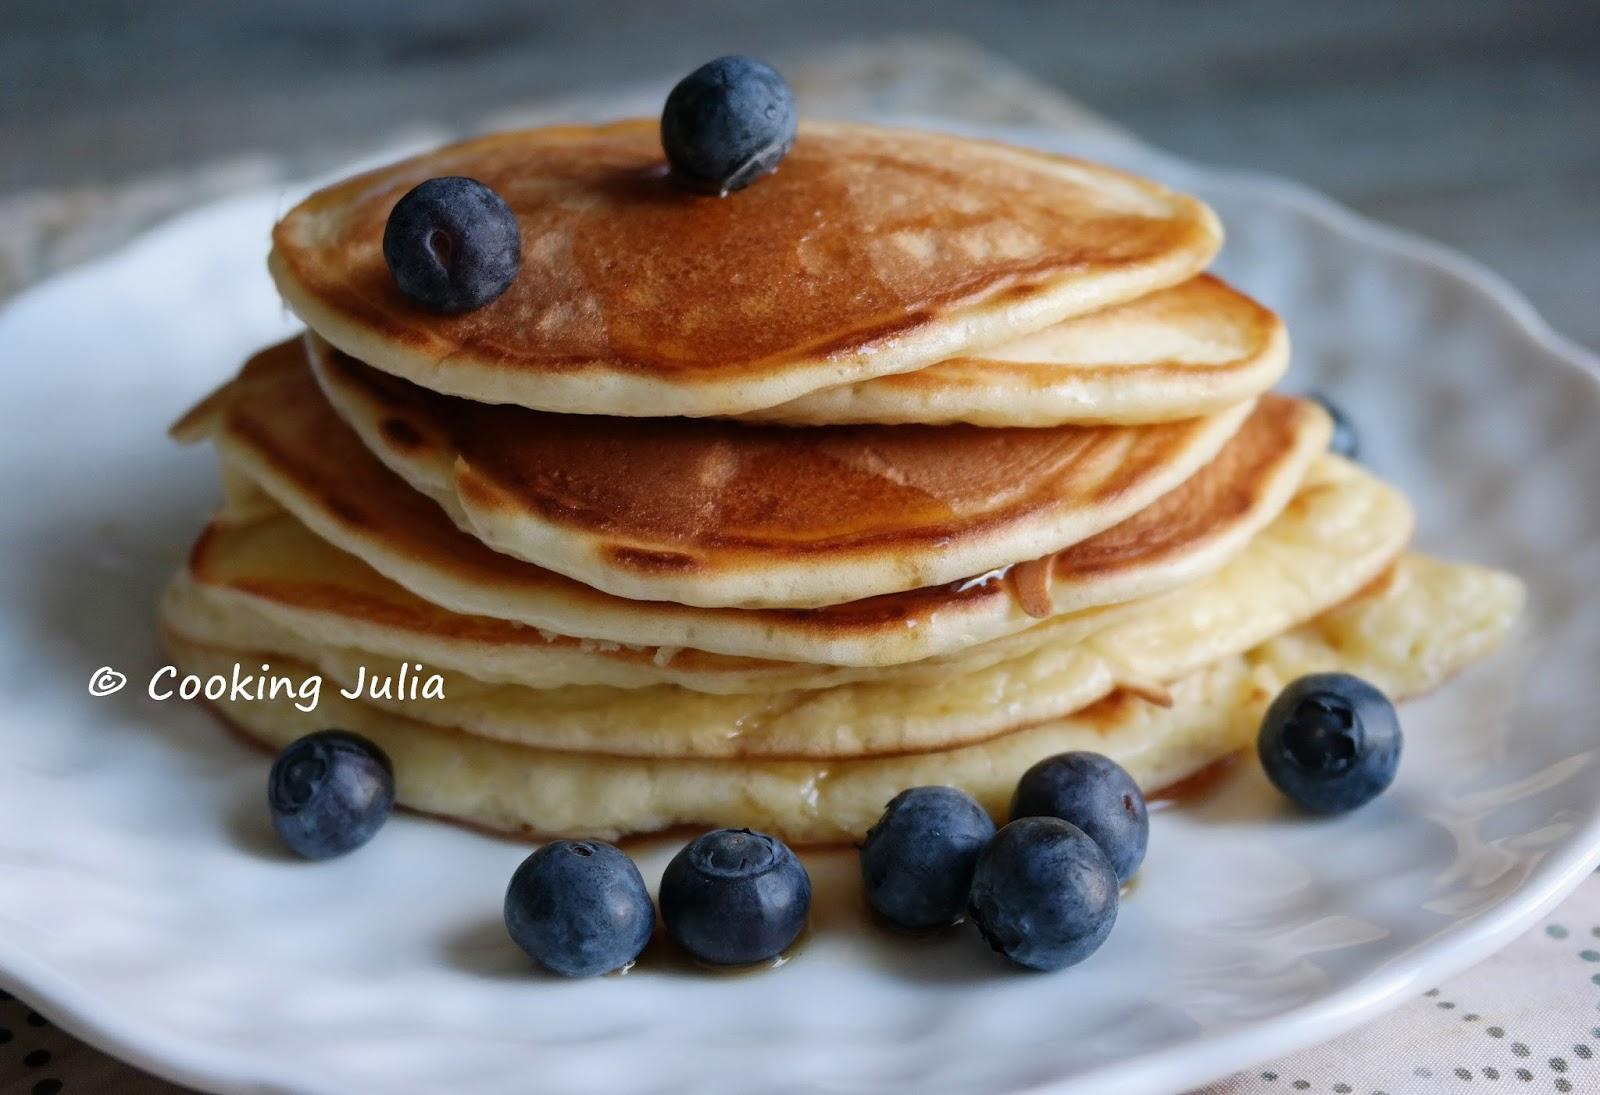 et dont l\u0027ingrédient principal est le yaourt à la grecque. Après les  buttermilk pancakes et les pancakes à deux ingrédients, voici donc une  nouvelle